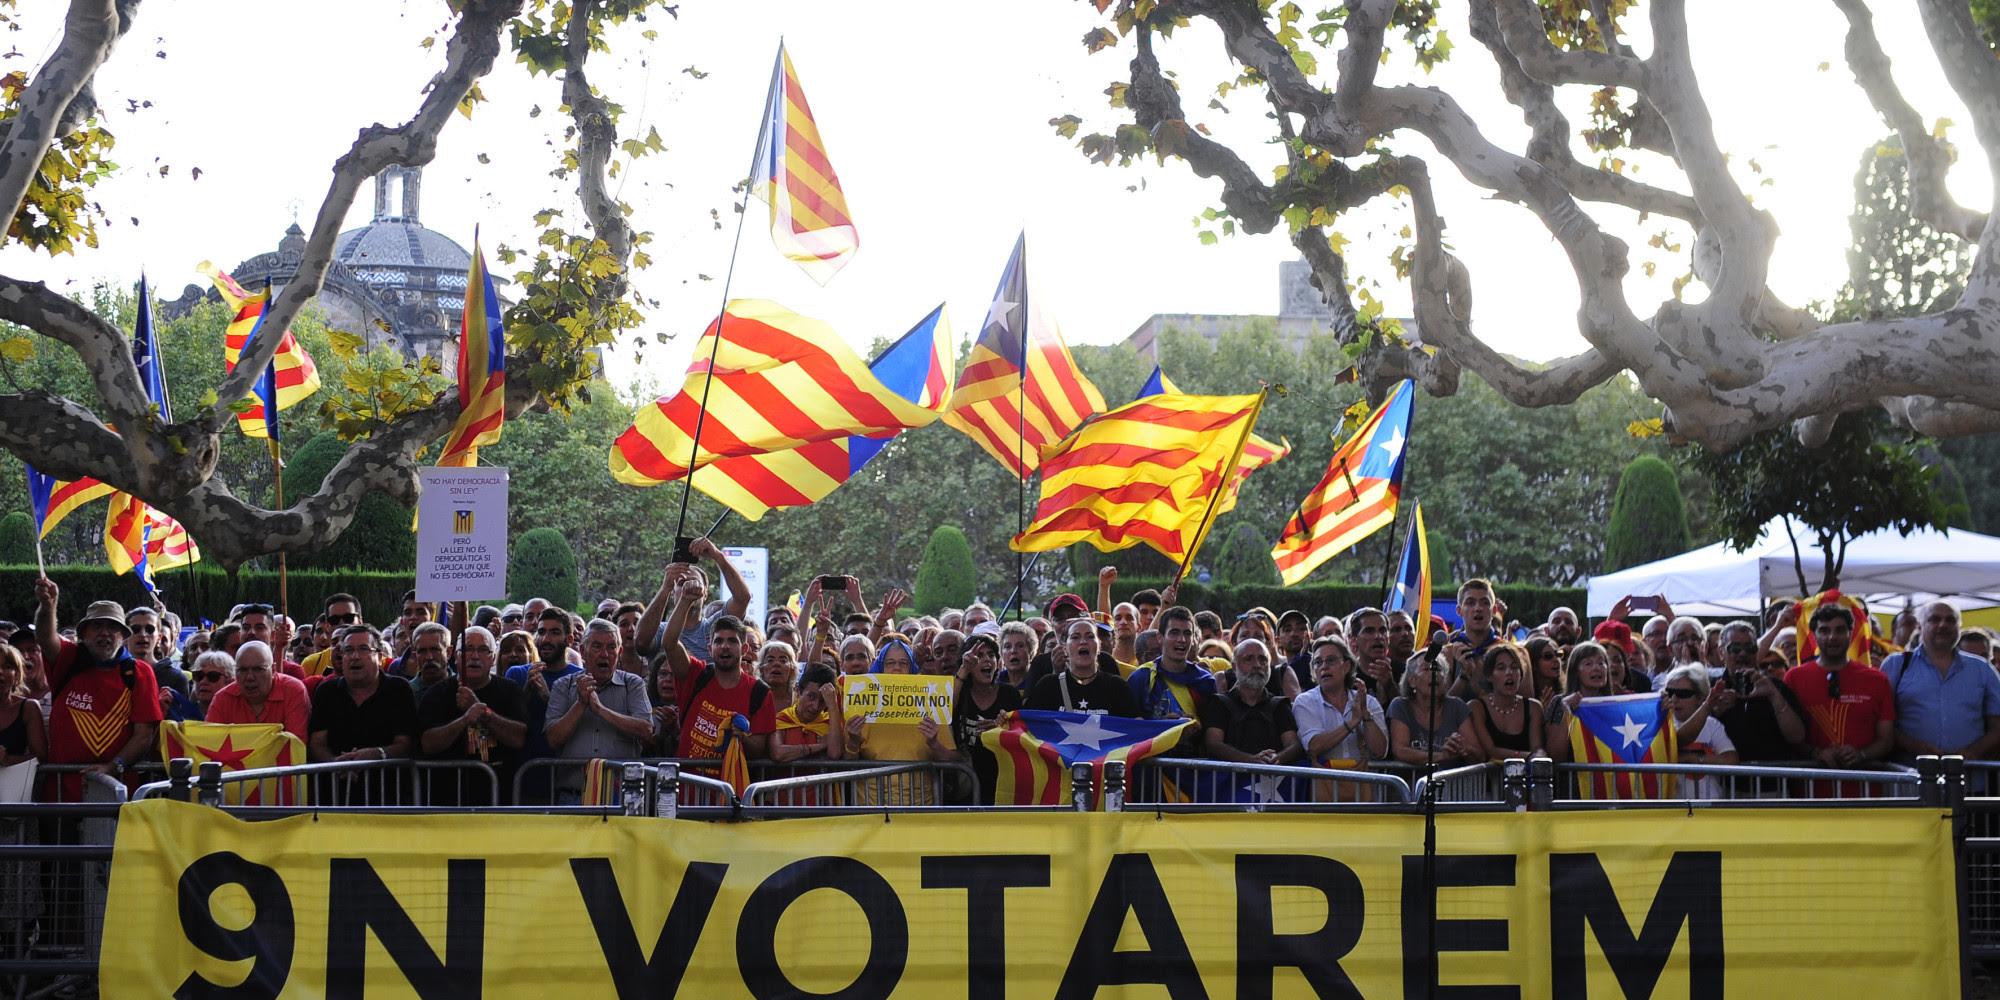 Thumbnail for Catalonia Calls Secession Vote